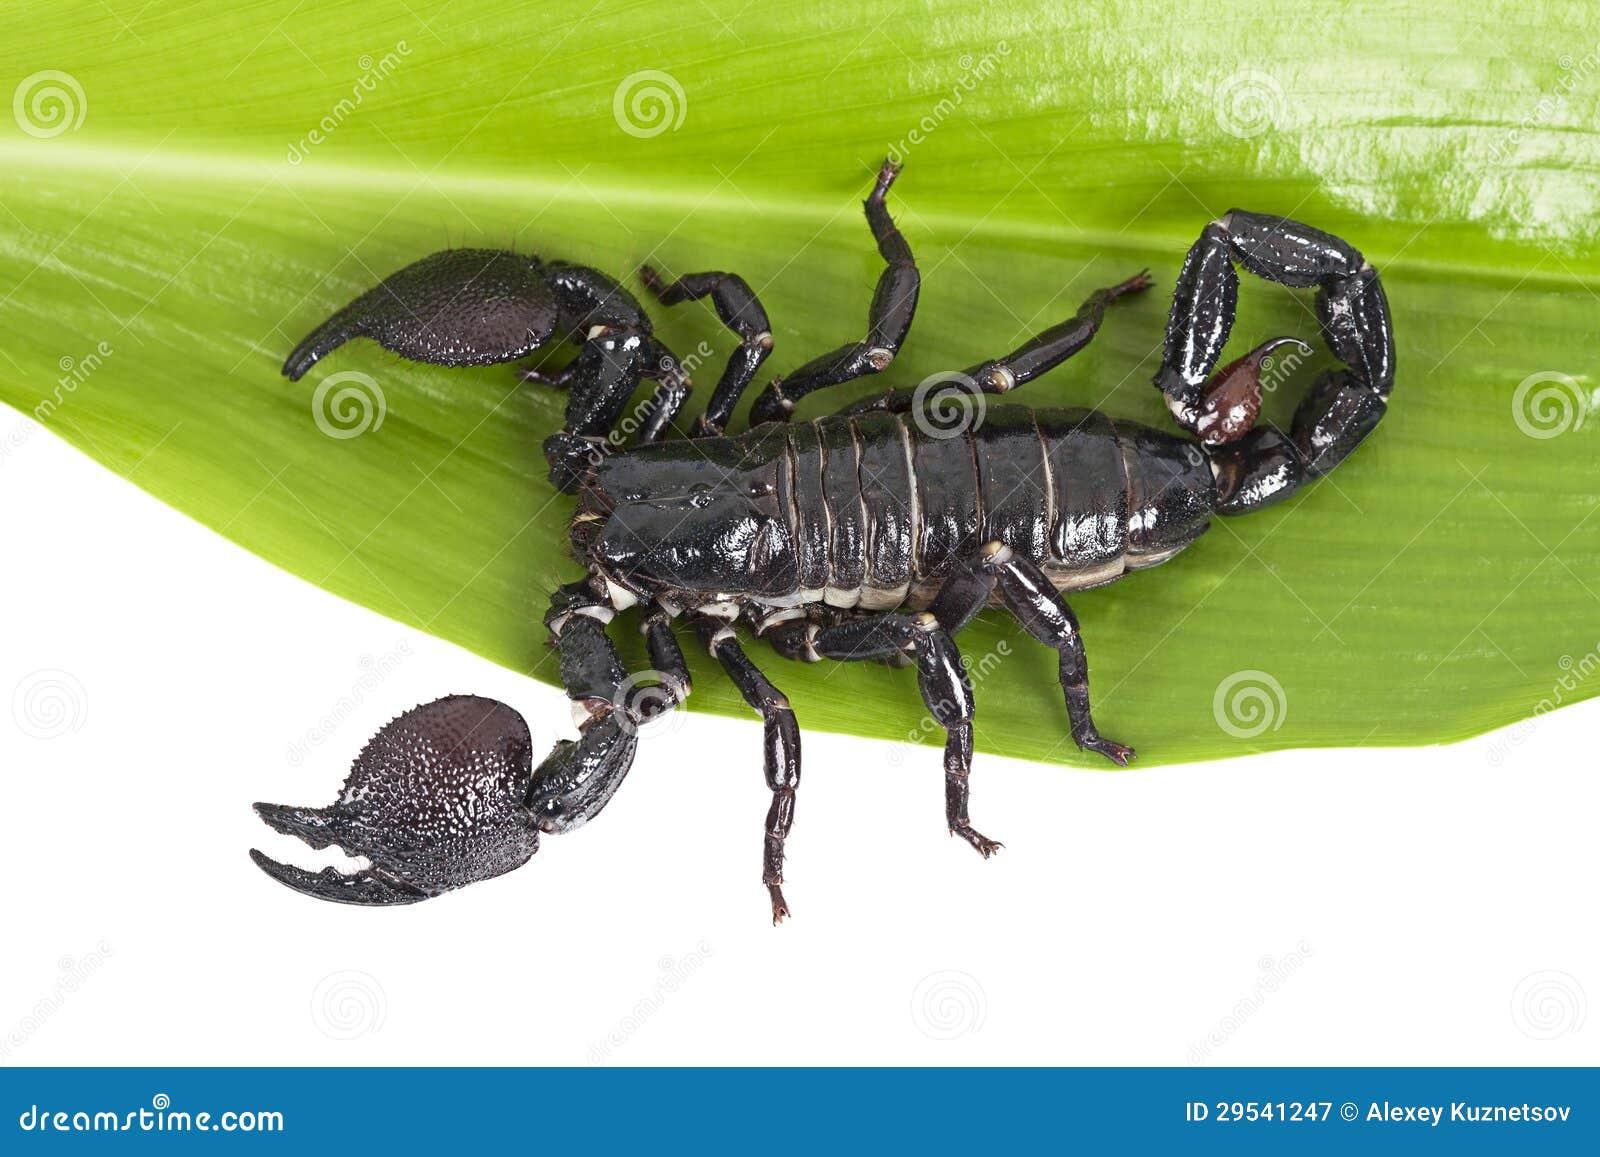 skorpion pandinus imperator auf einem gr nen blatt lizenzfreie stockfotografie bild 29541247. Black Bedroom Furniture Sets. Home Design Ideas